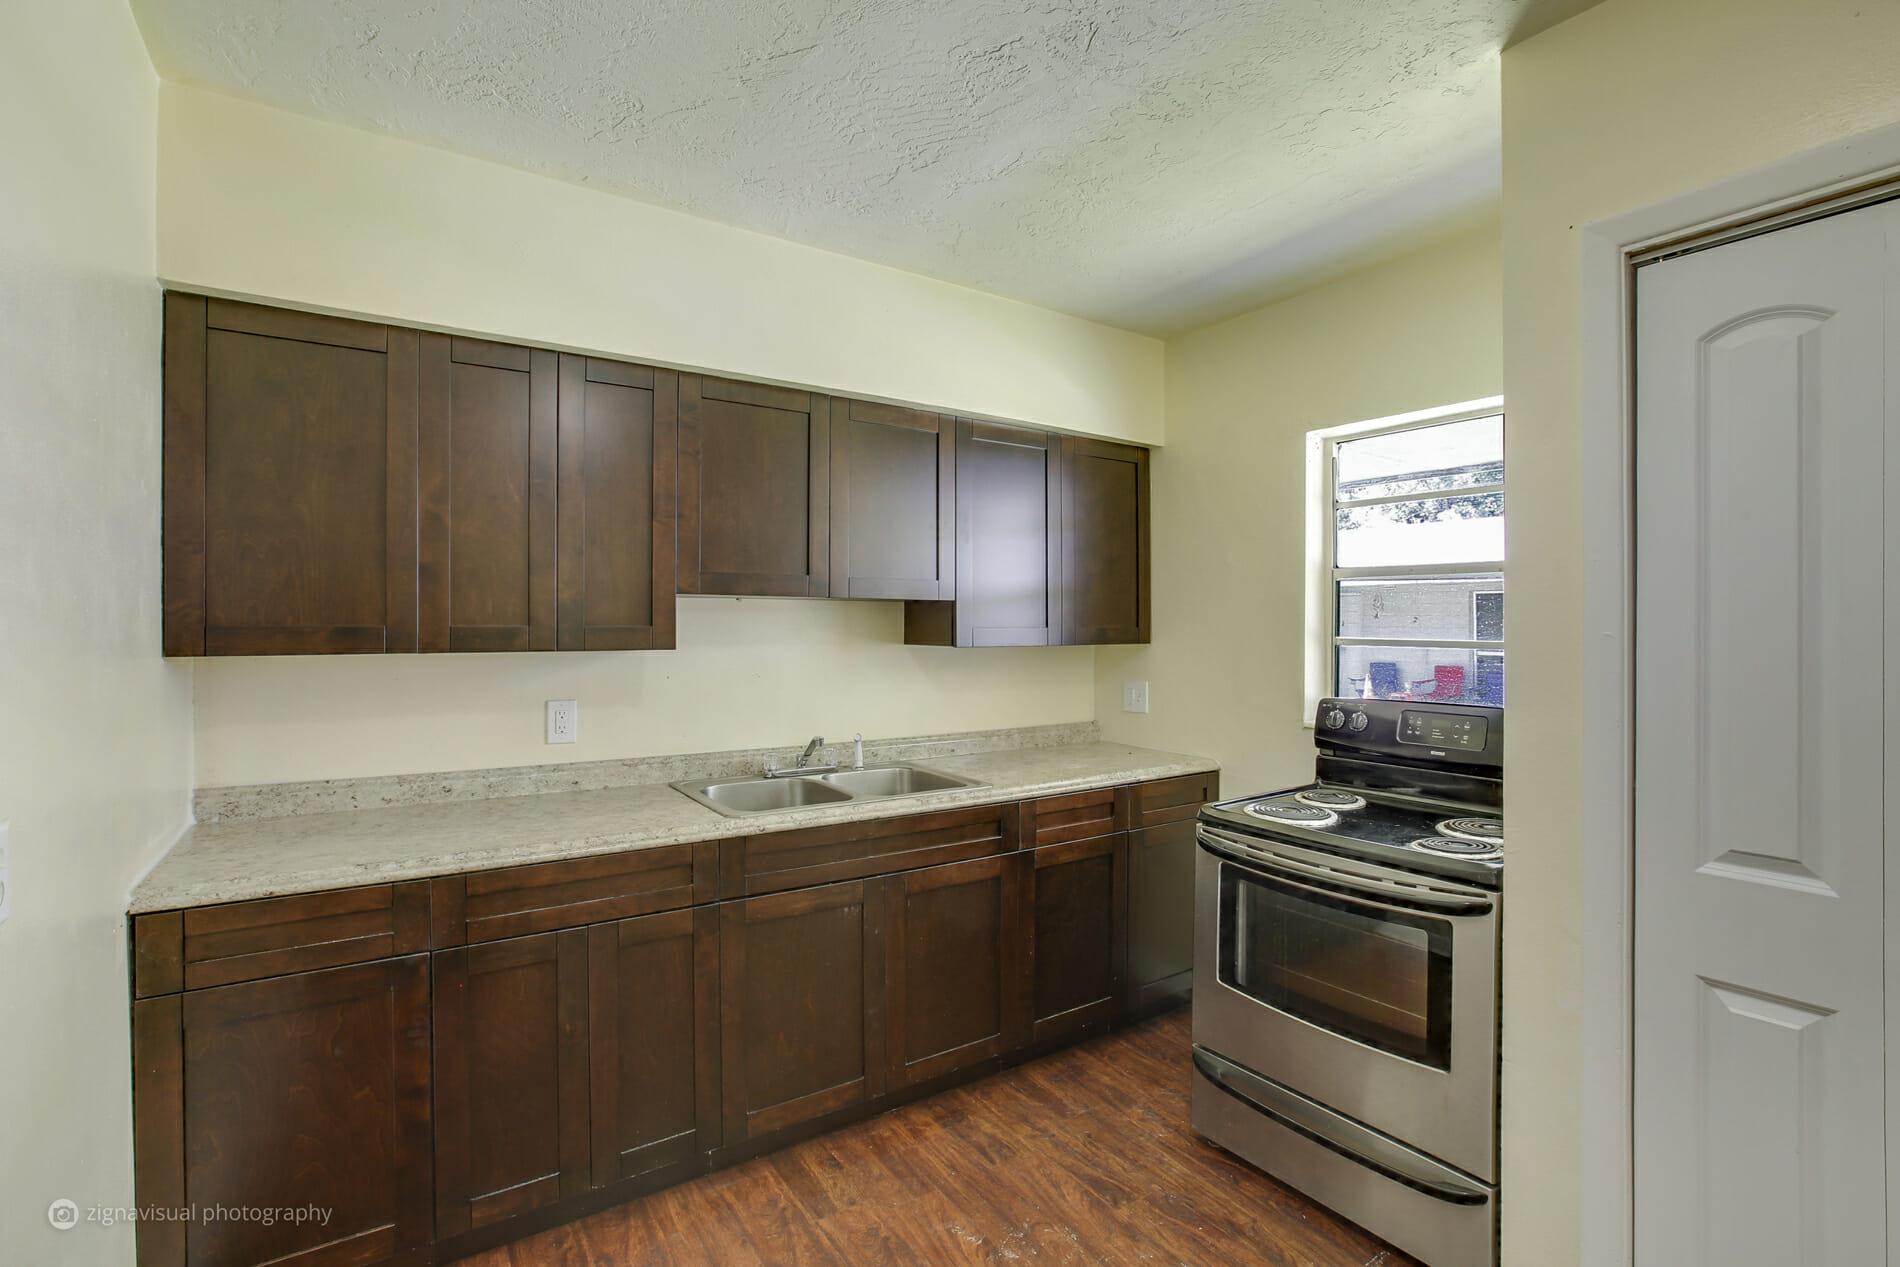 Crystal-kitchen.jpg